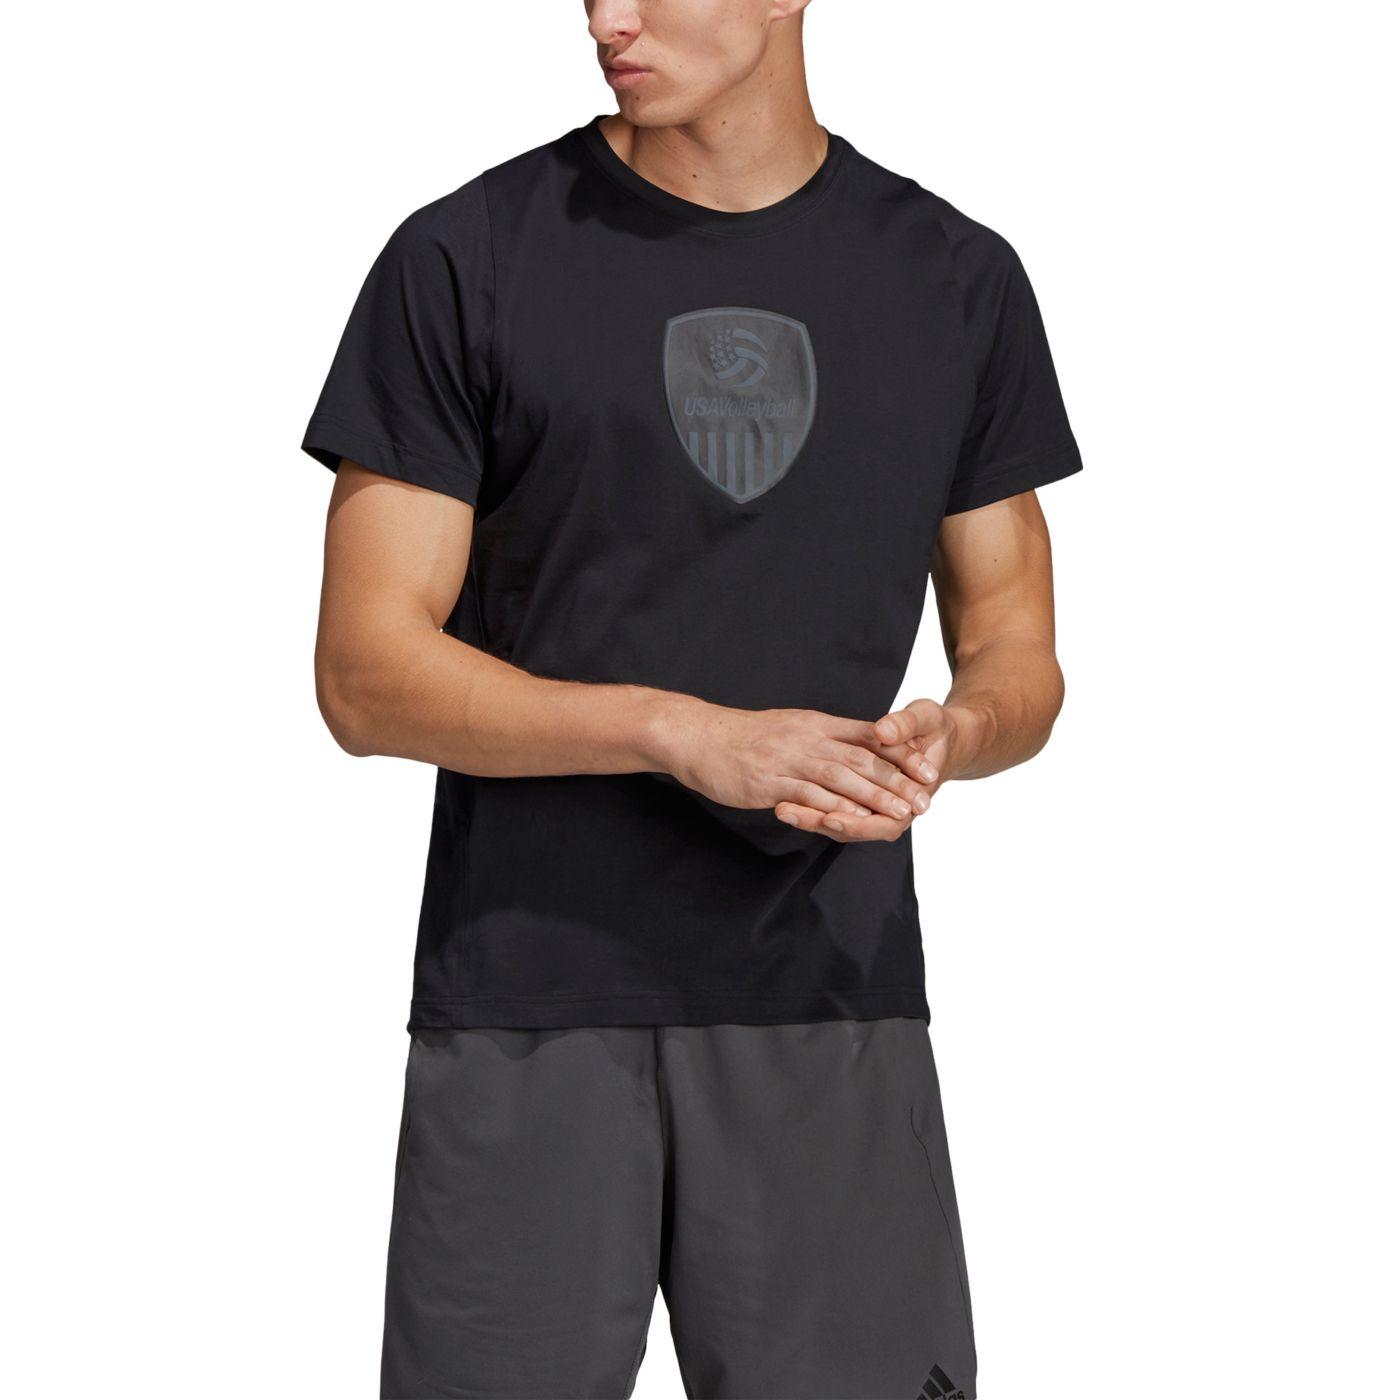 Adidas Men's USA Volleyball T-Shirt